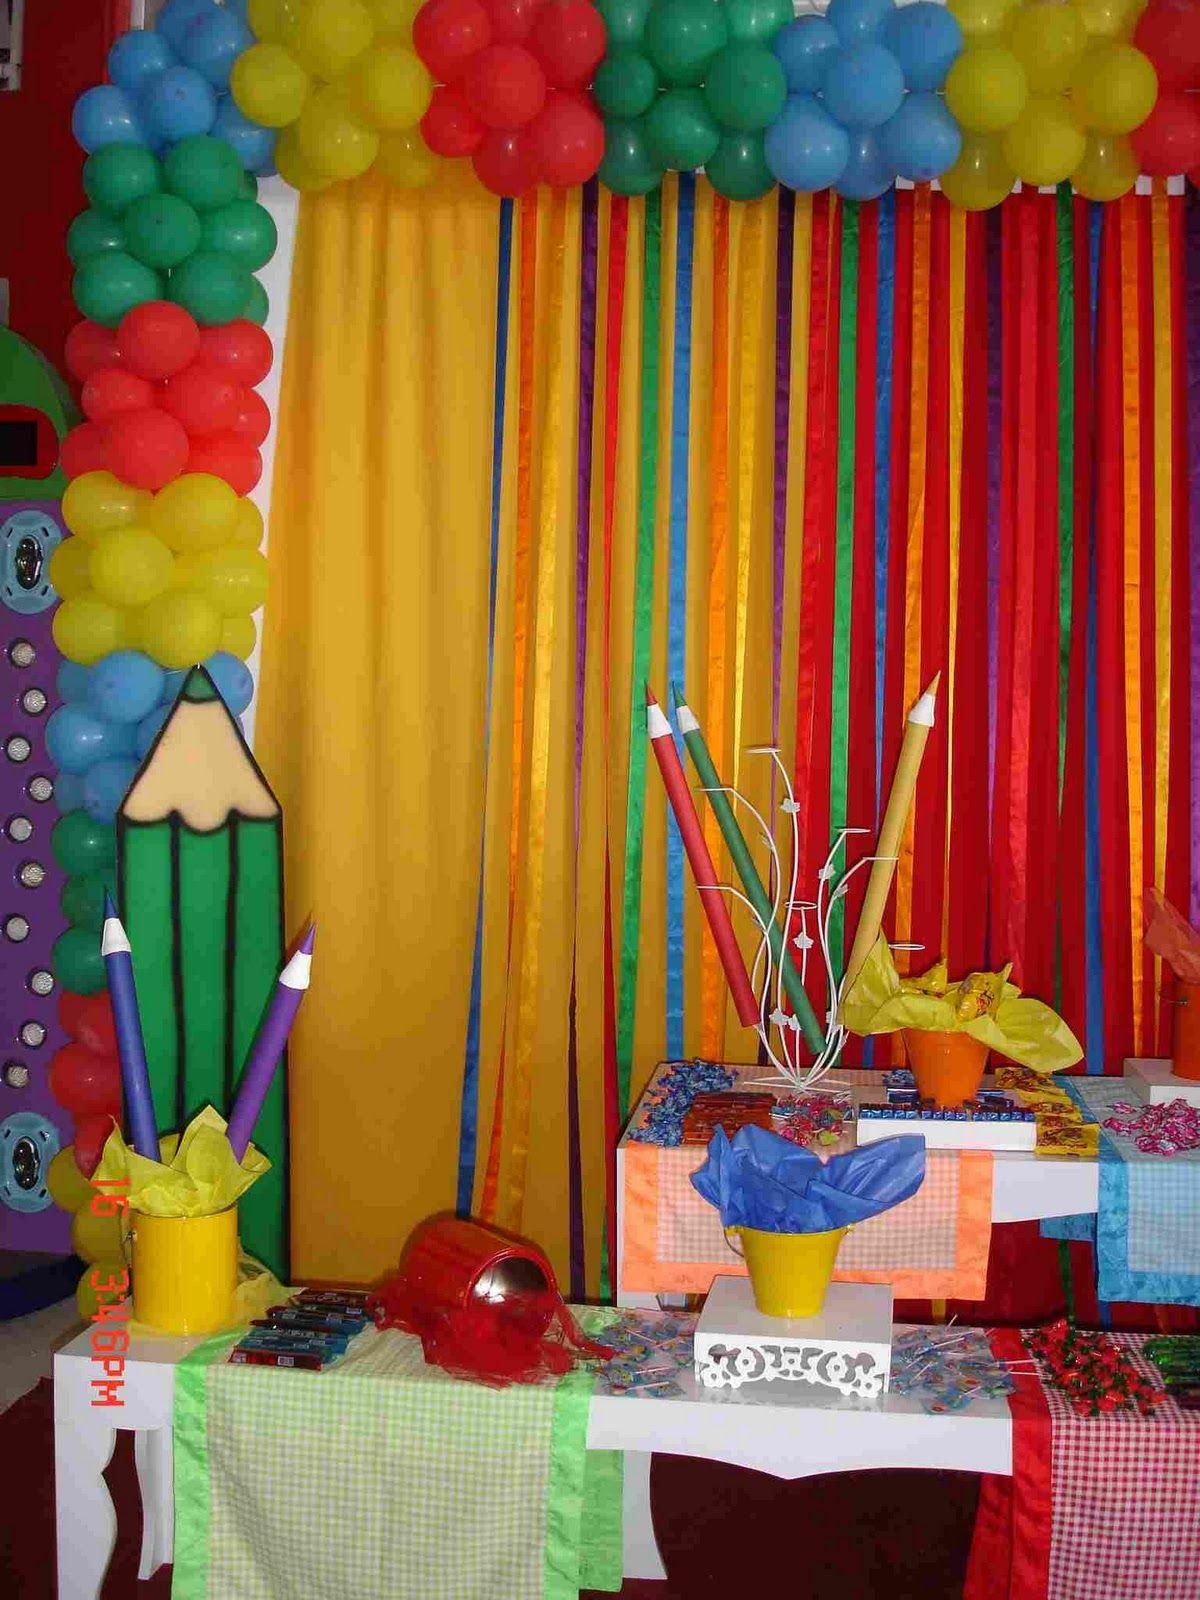 Pin De Shally Melendez Em Fiesta Com Imagens Festa Artistica